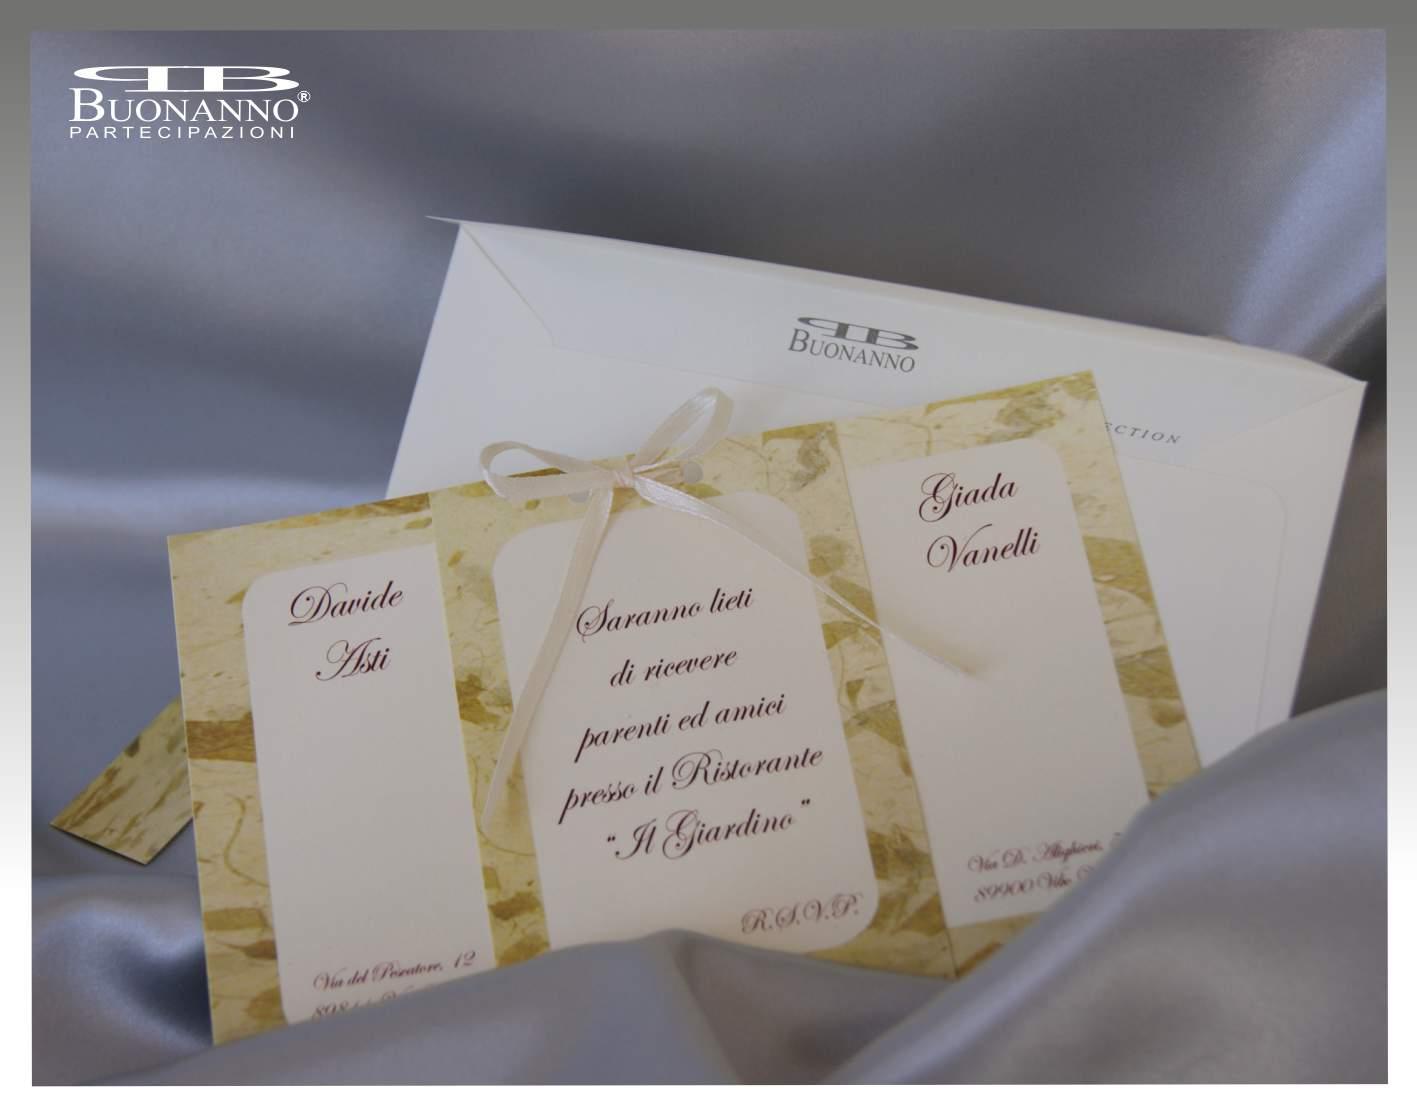 Partecipazioni nozze online for Partecipazioni nozze on line